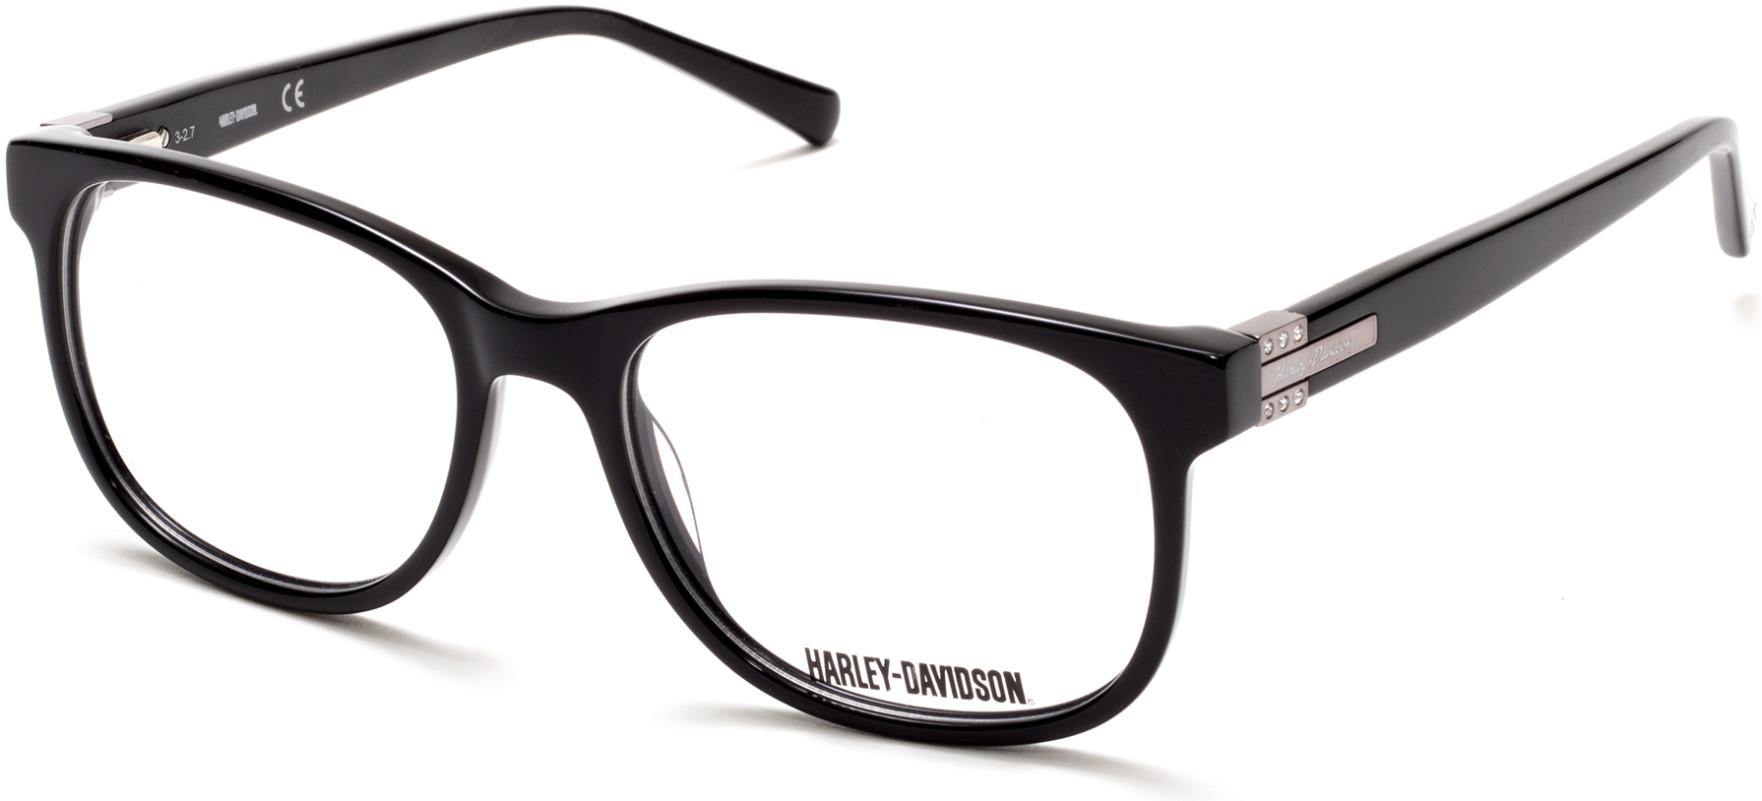 bc45ecaaaeb Harley Davidson Eyewear HD0546 Eyeglass Frames